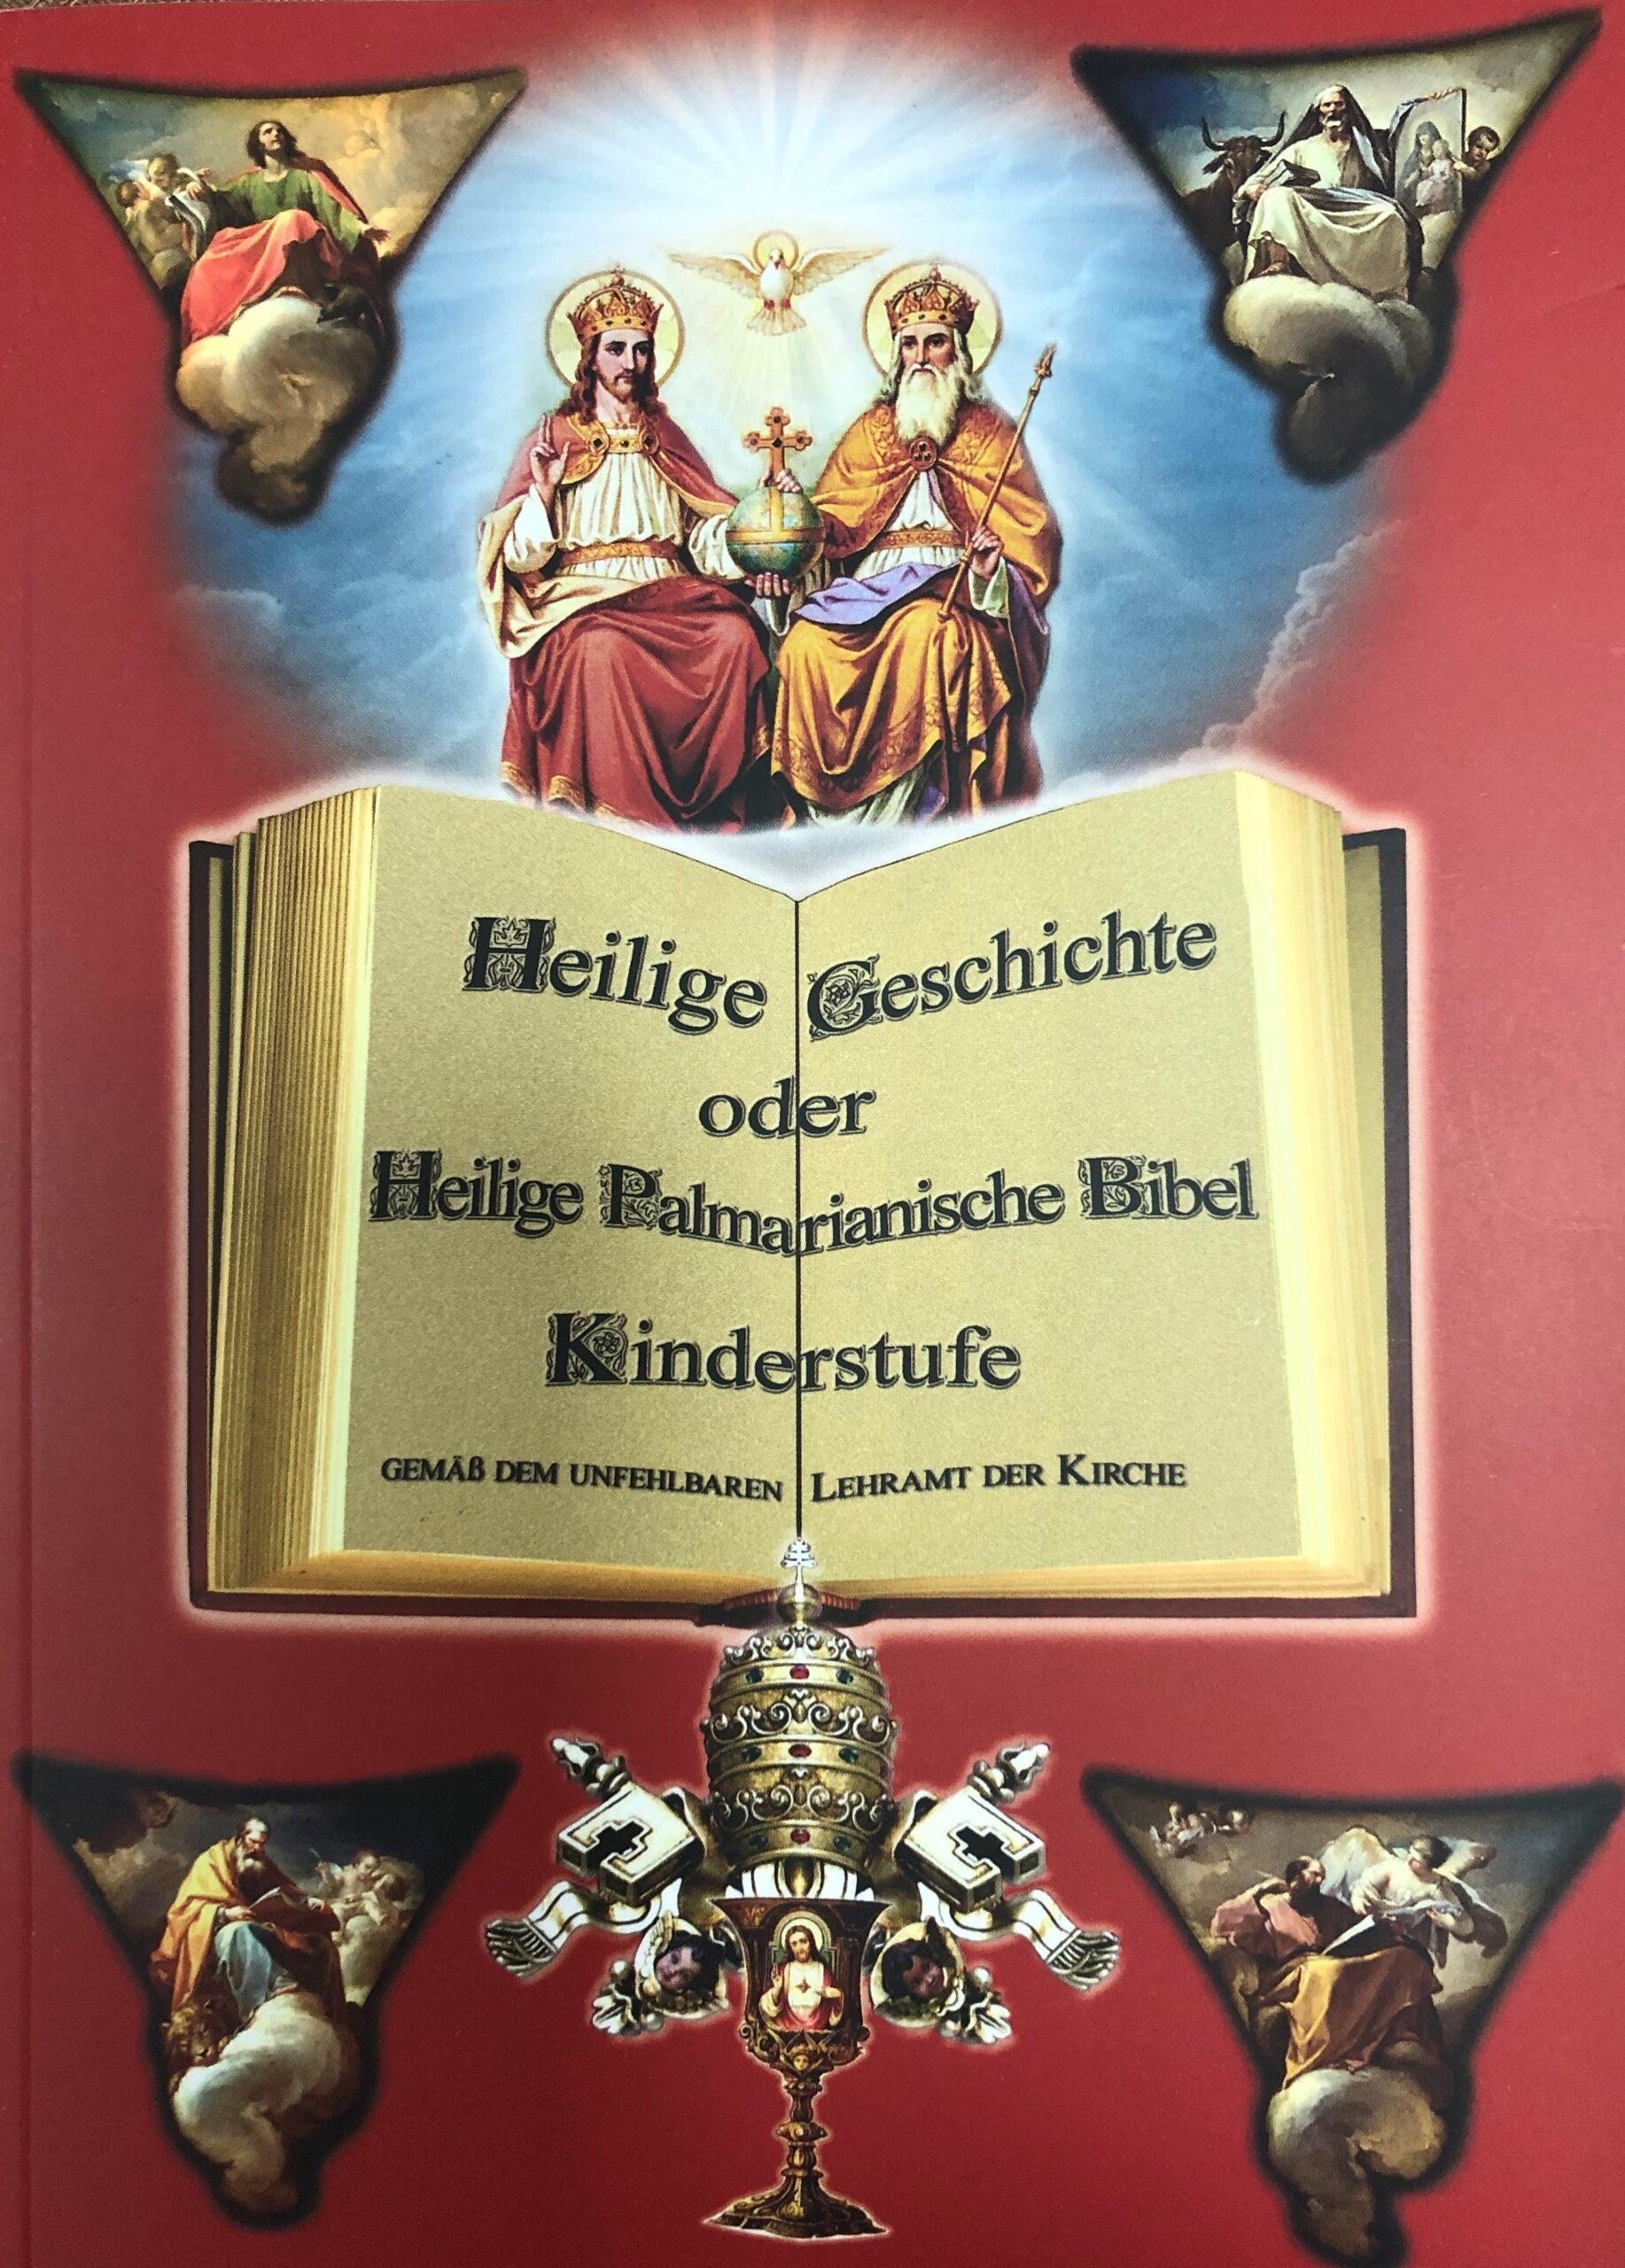 """<a href=""""/wp-content/uploads/2020/11/Biblia-Infantil-ALE.pdf"""" title=""""Heilige Geschichte oder Heilige Palmarianische Bibel Kinderstufe"""">Heilige Geschichte oder Heilige Palmarianische Bibel Kinderstufe<br>Mehr"""